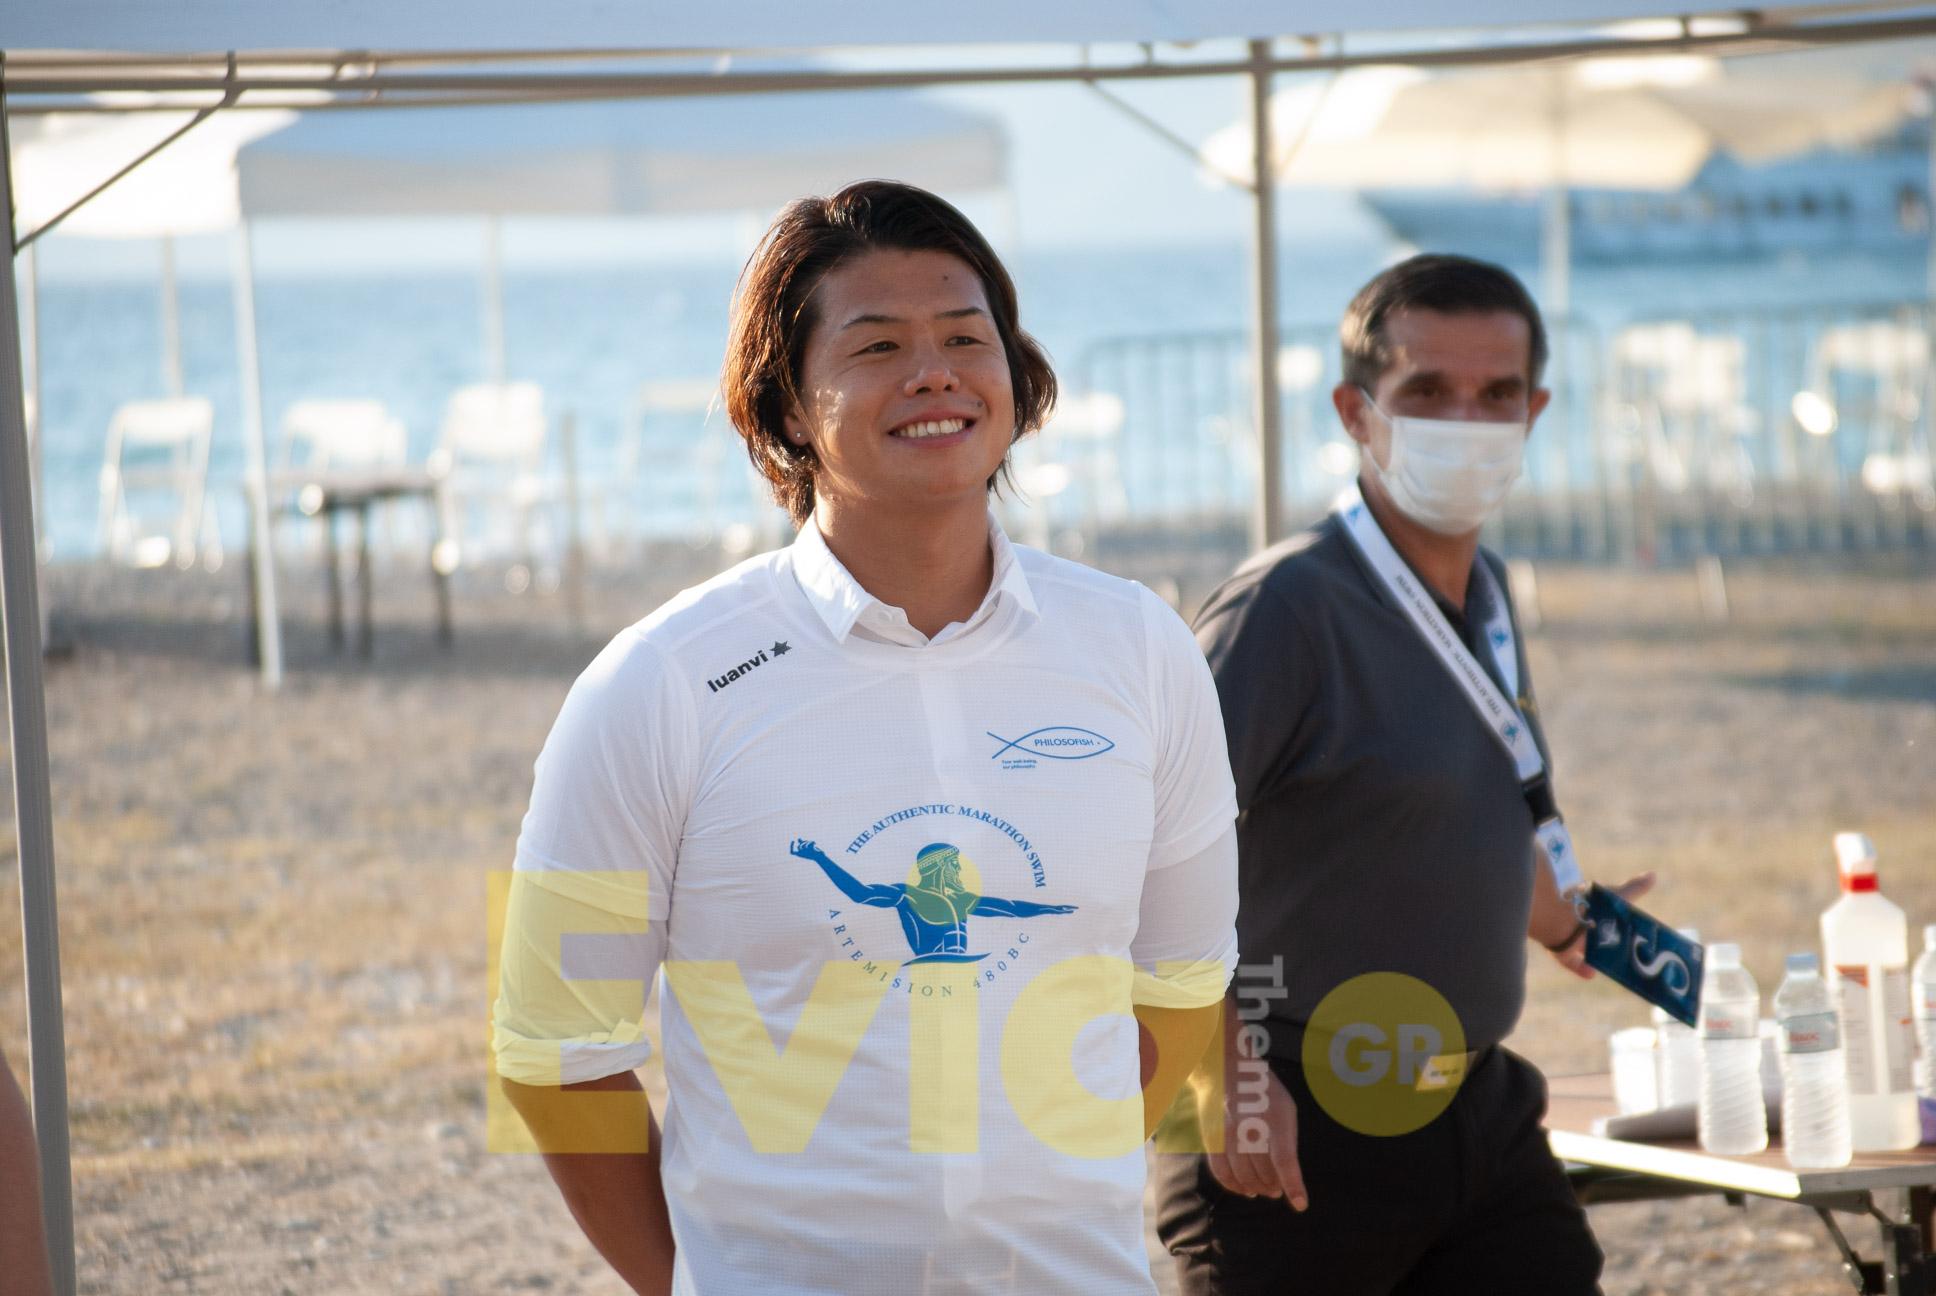 Ιάπωνας Ολυμπιονίκης Yasu Fukuoka - Μαραθώνιο Κολύμβησης Πευκί